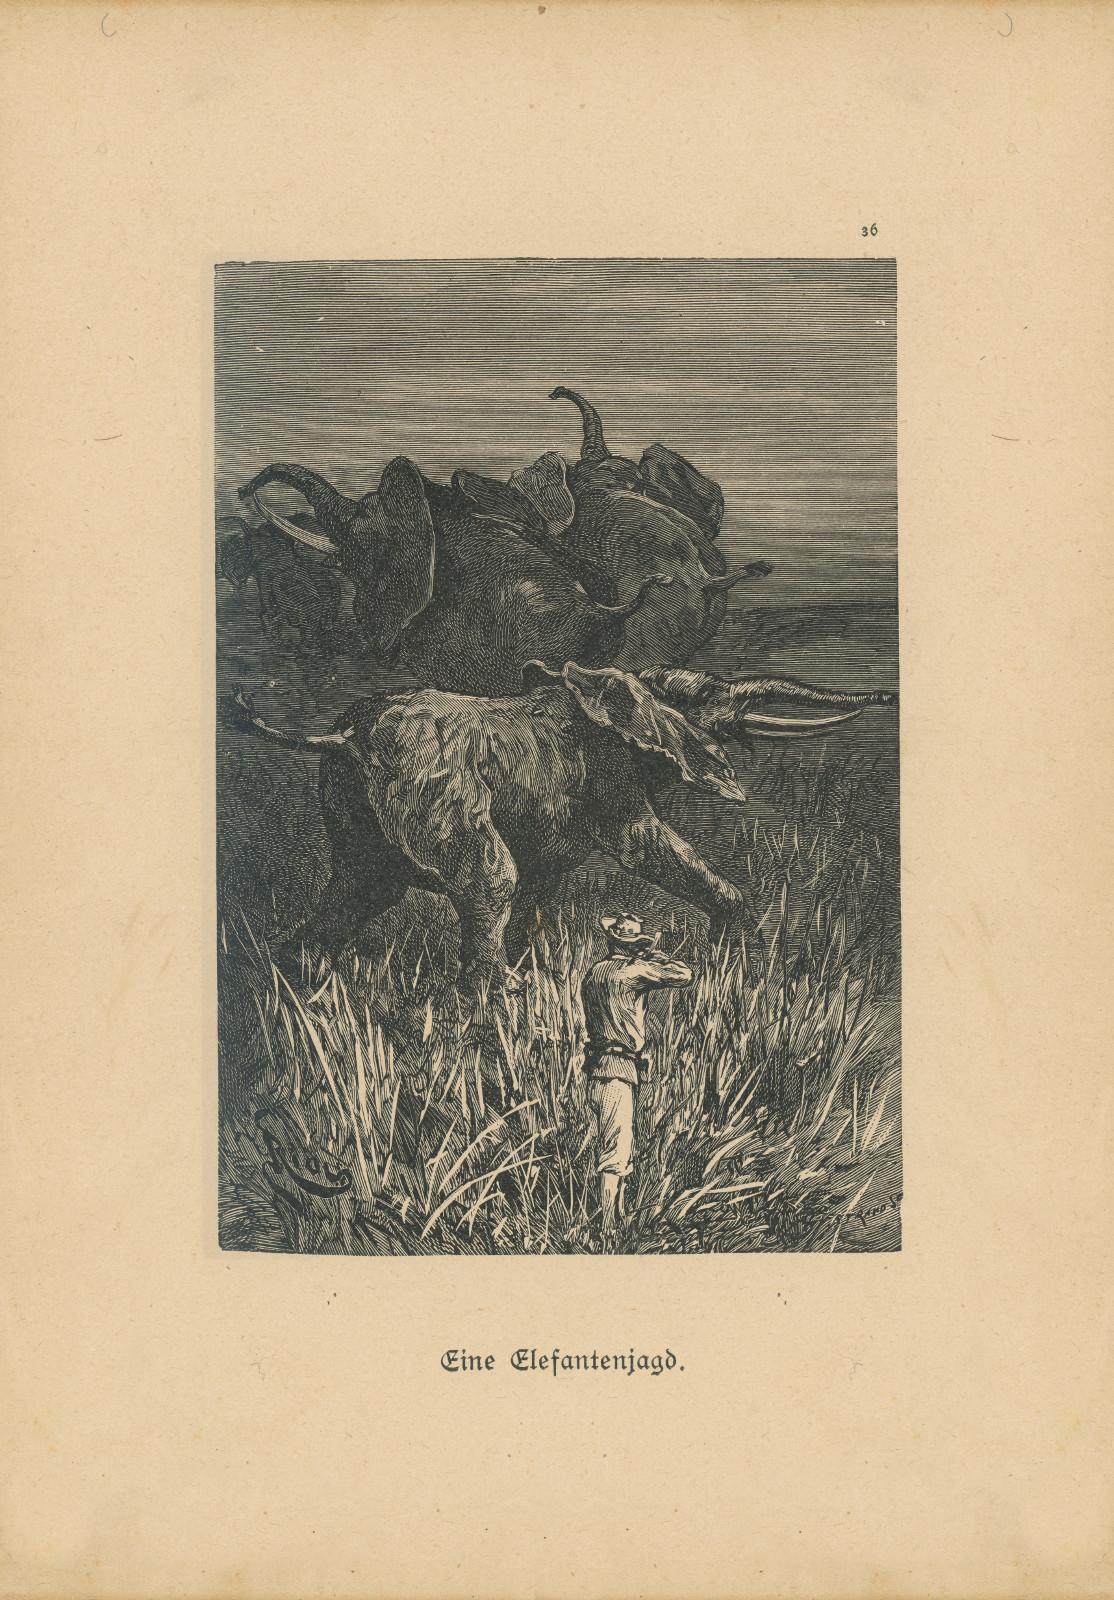 Eineelefantenjagddiamantminenvonafrika36